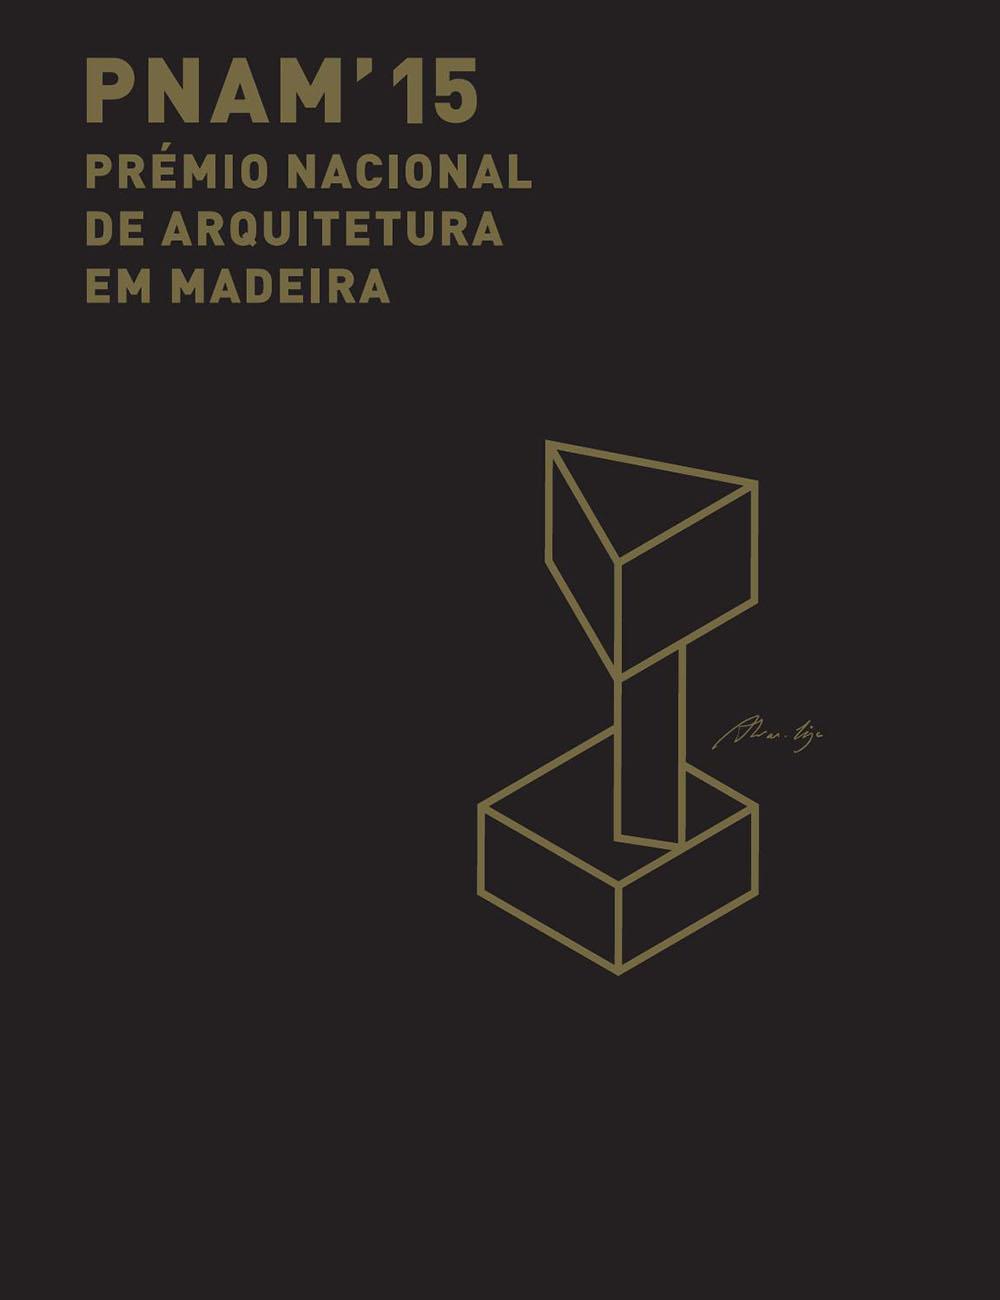 Catálogo PNAM 2015, Destaque